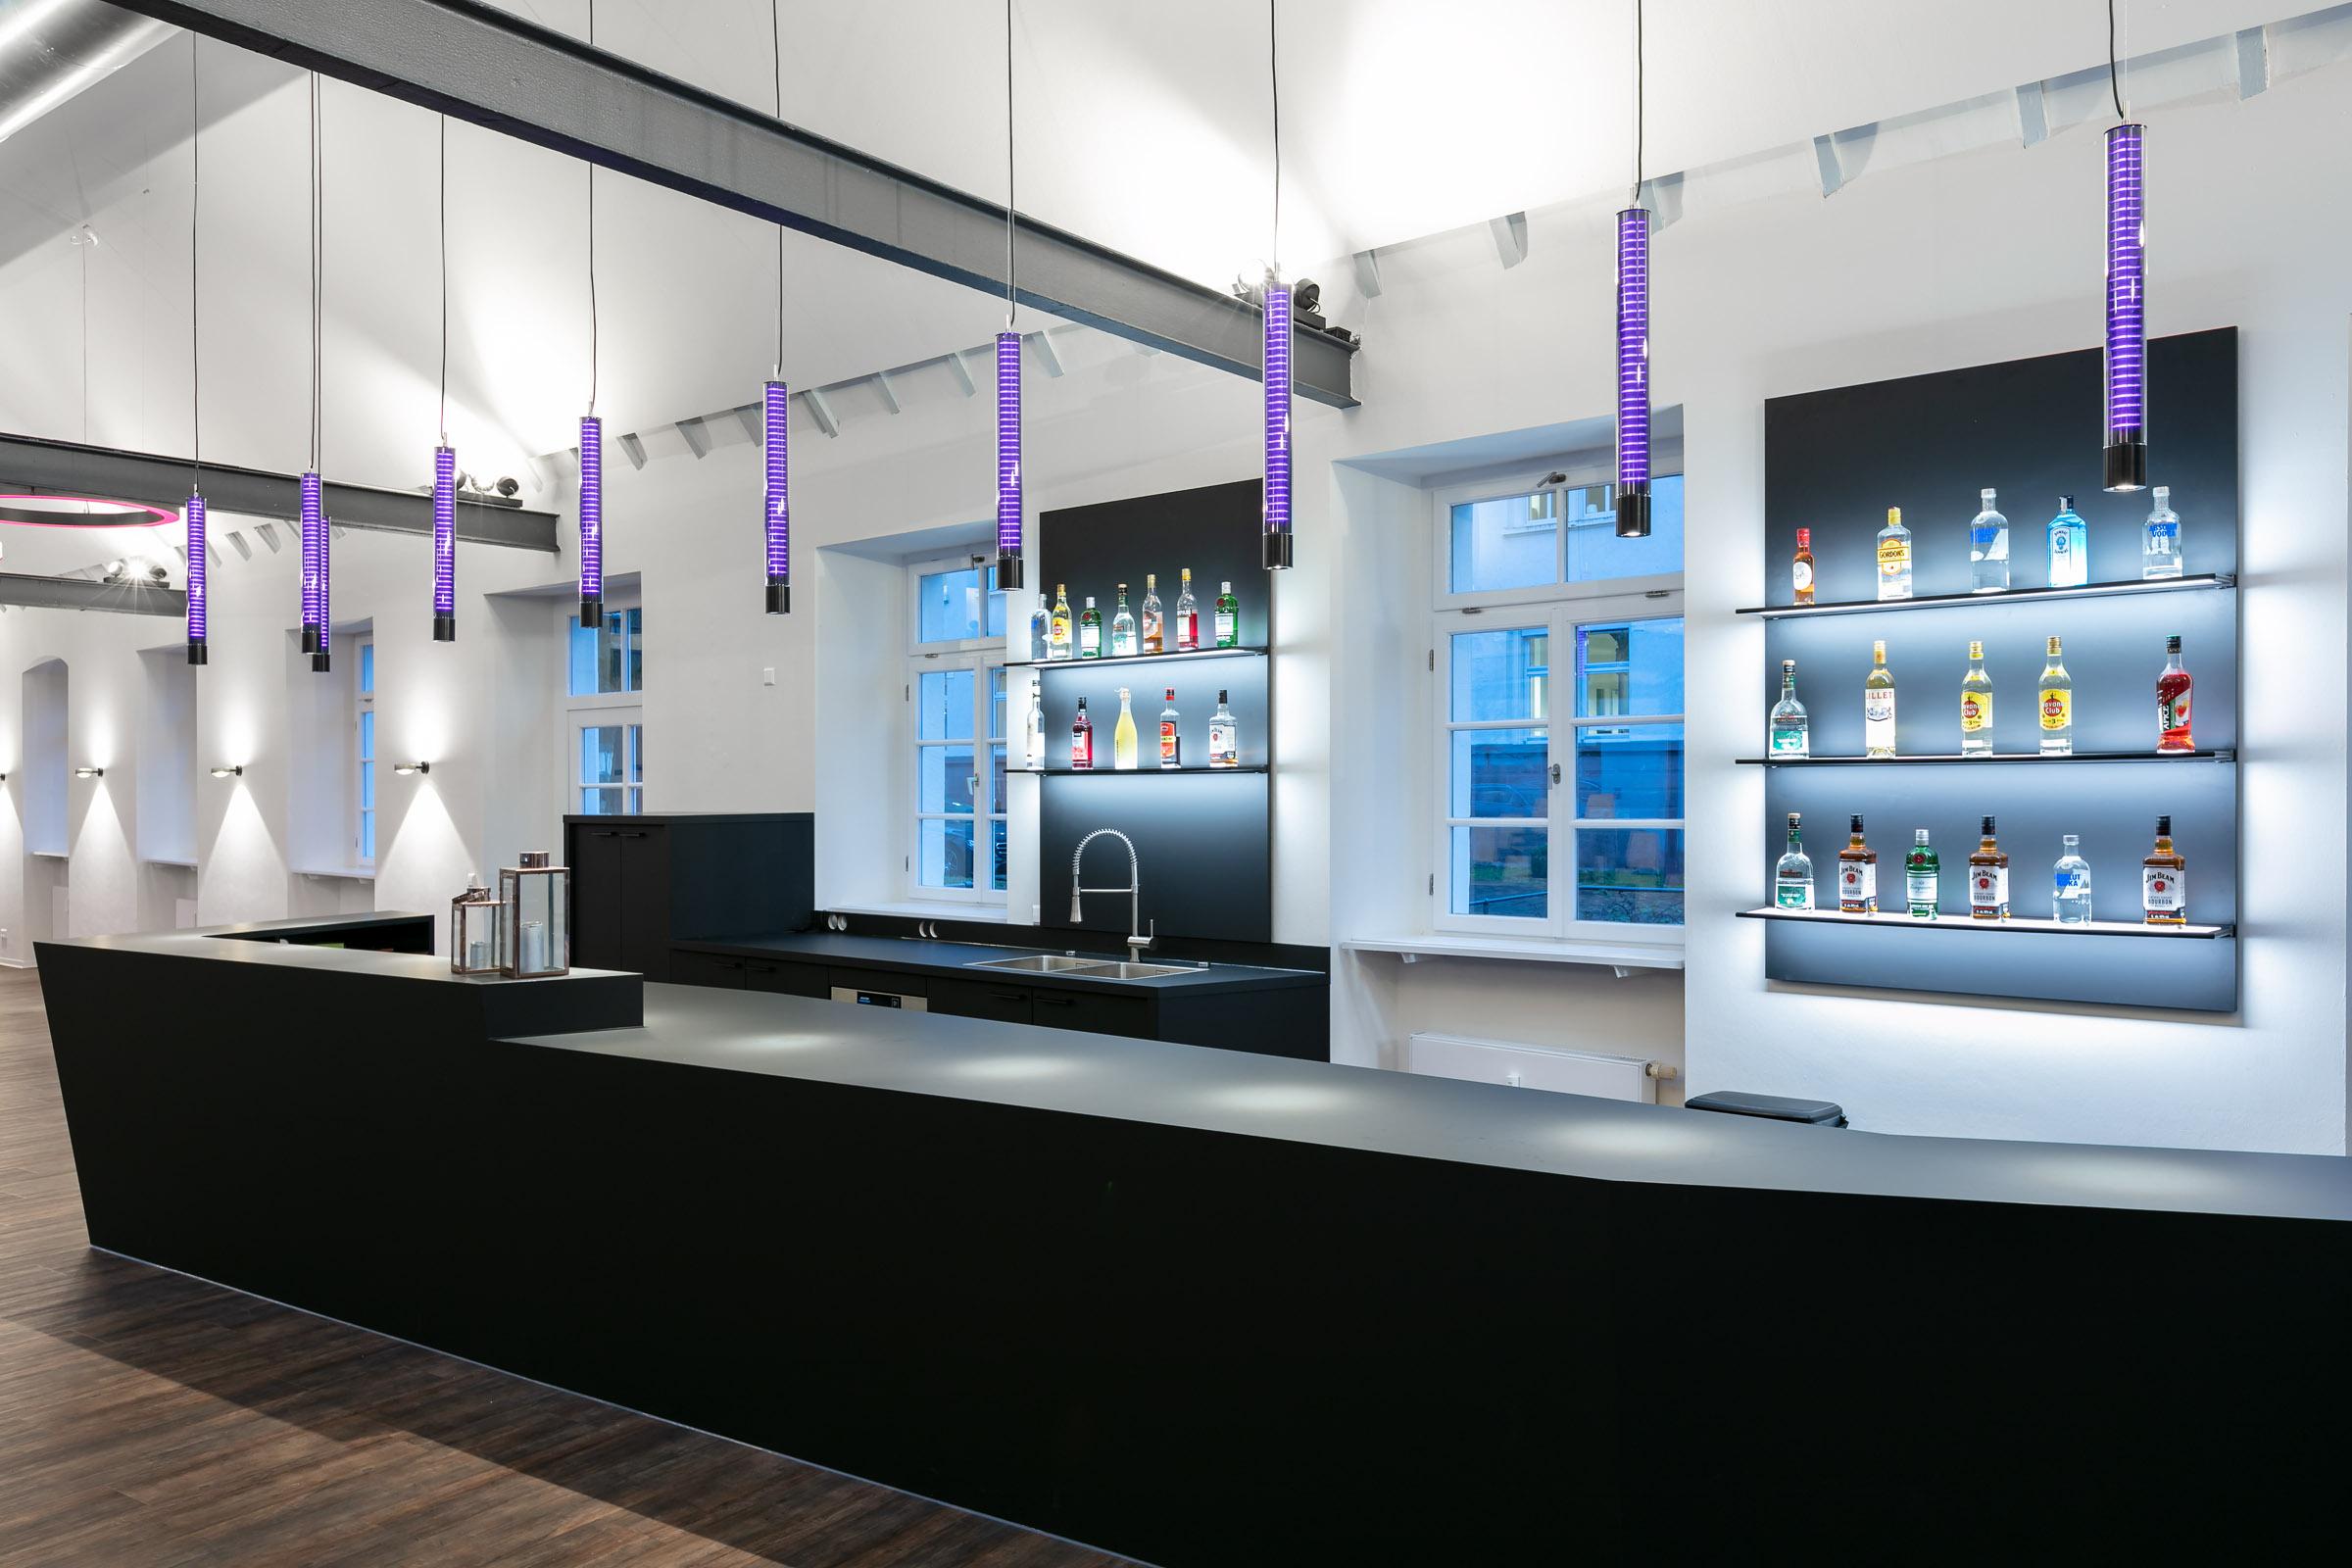 Lila leuchtende LEDs in Glashängeleuchten, die über einer schwarzen Bartheke hängen